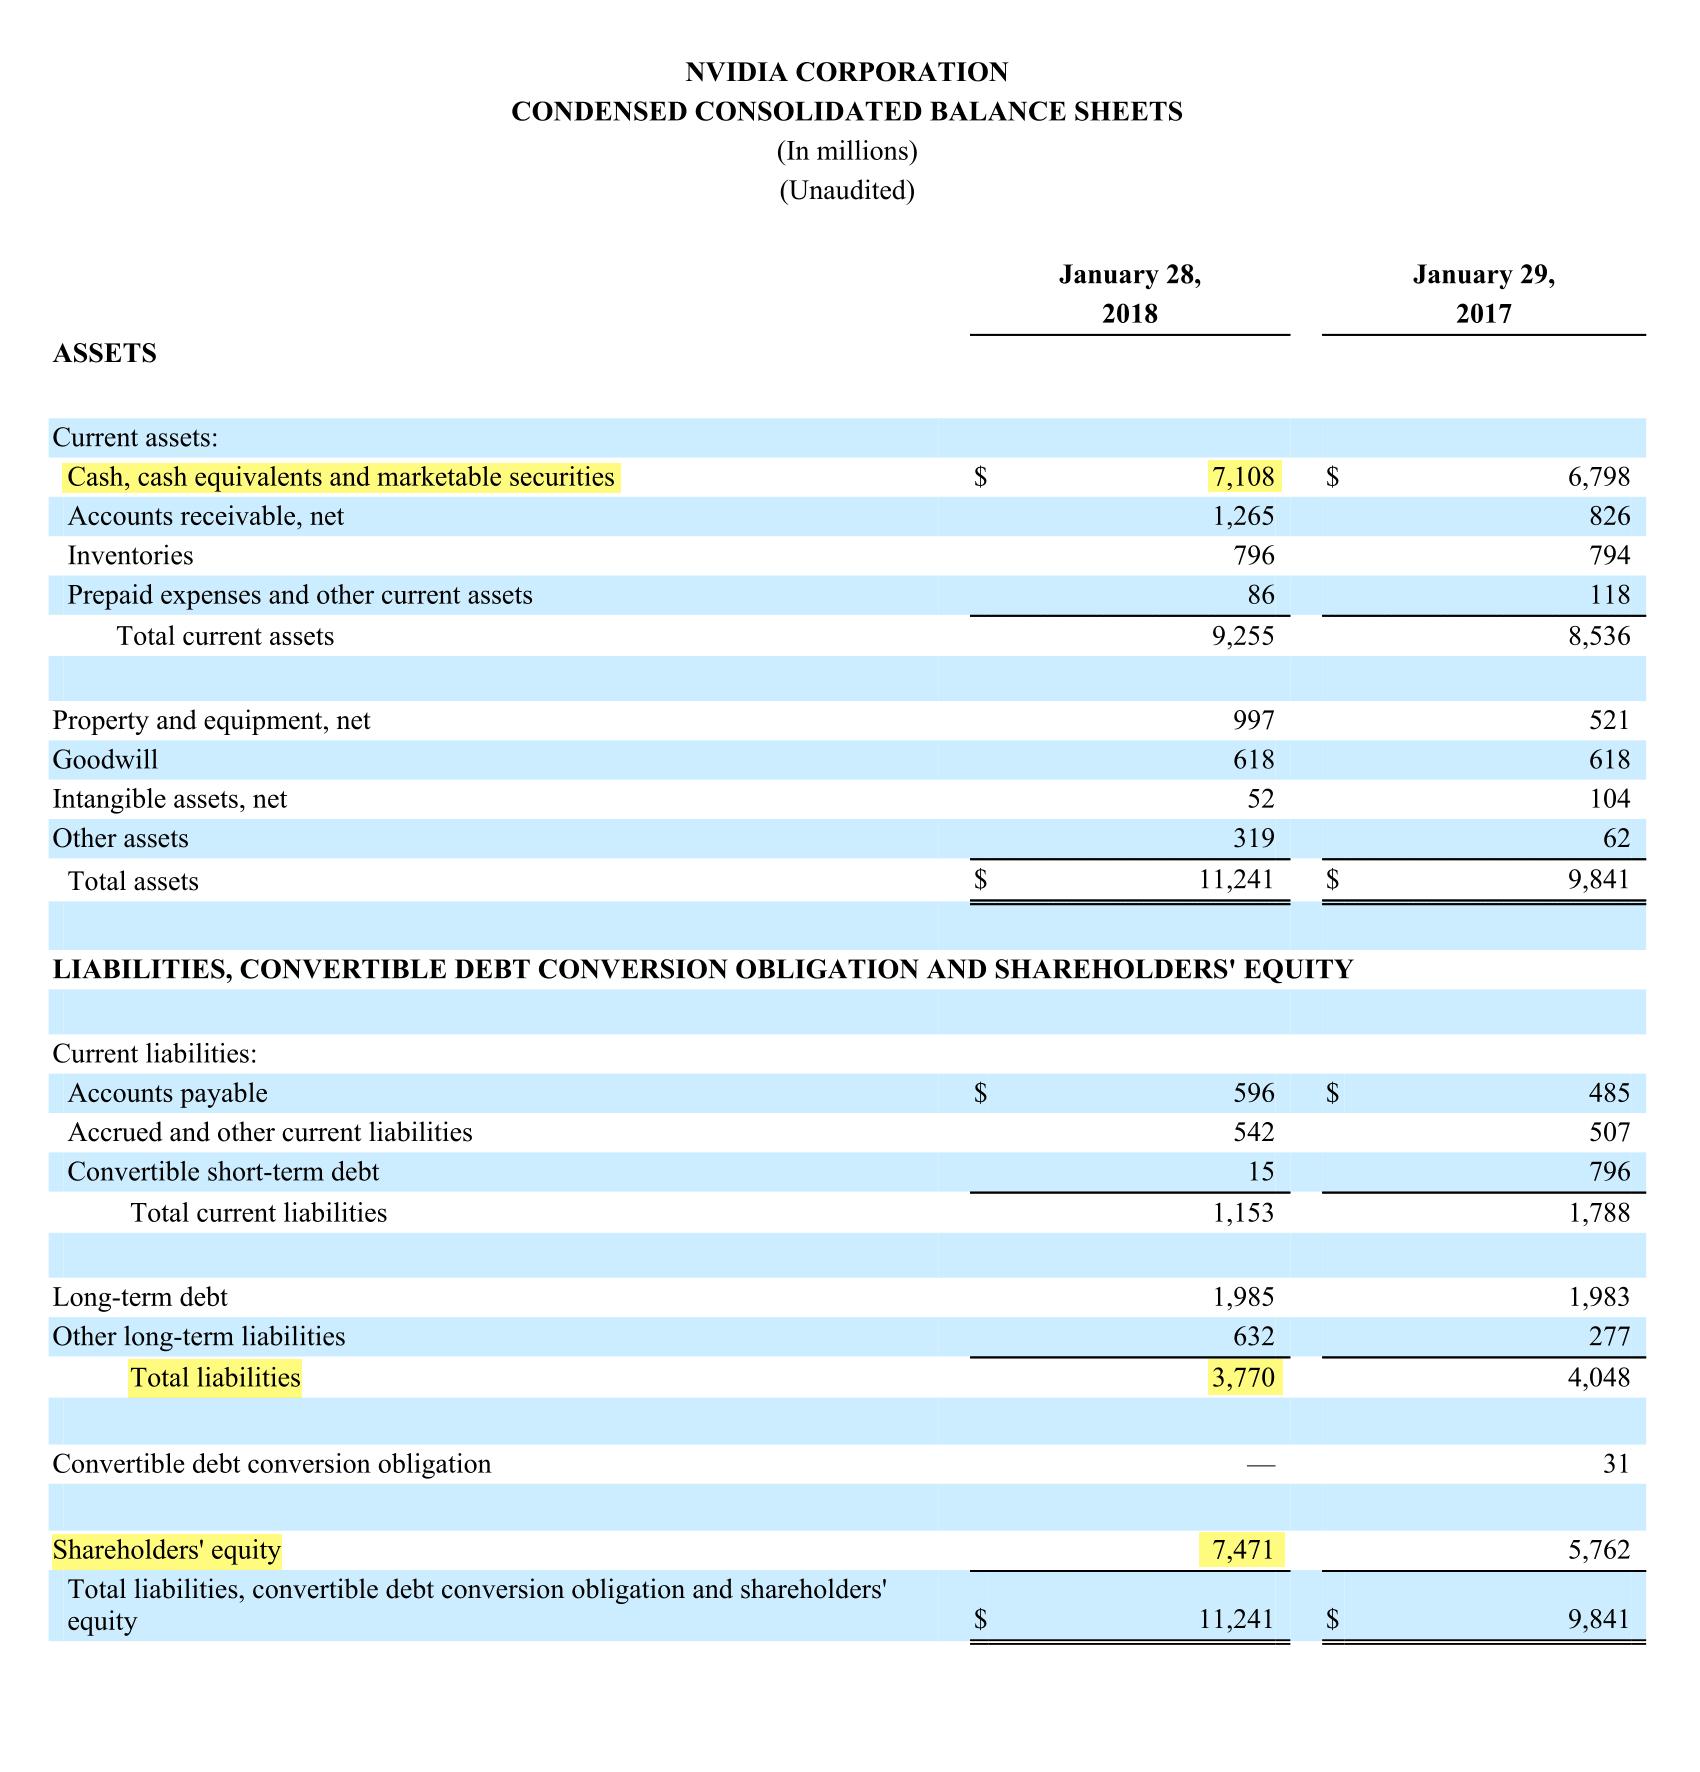 Страница 11 отчета Nvidia за 2018 финансовый год